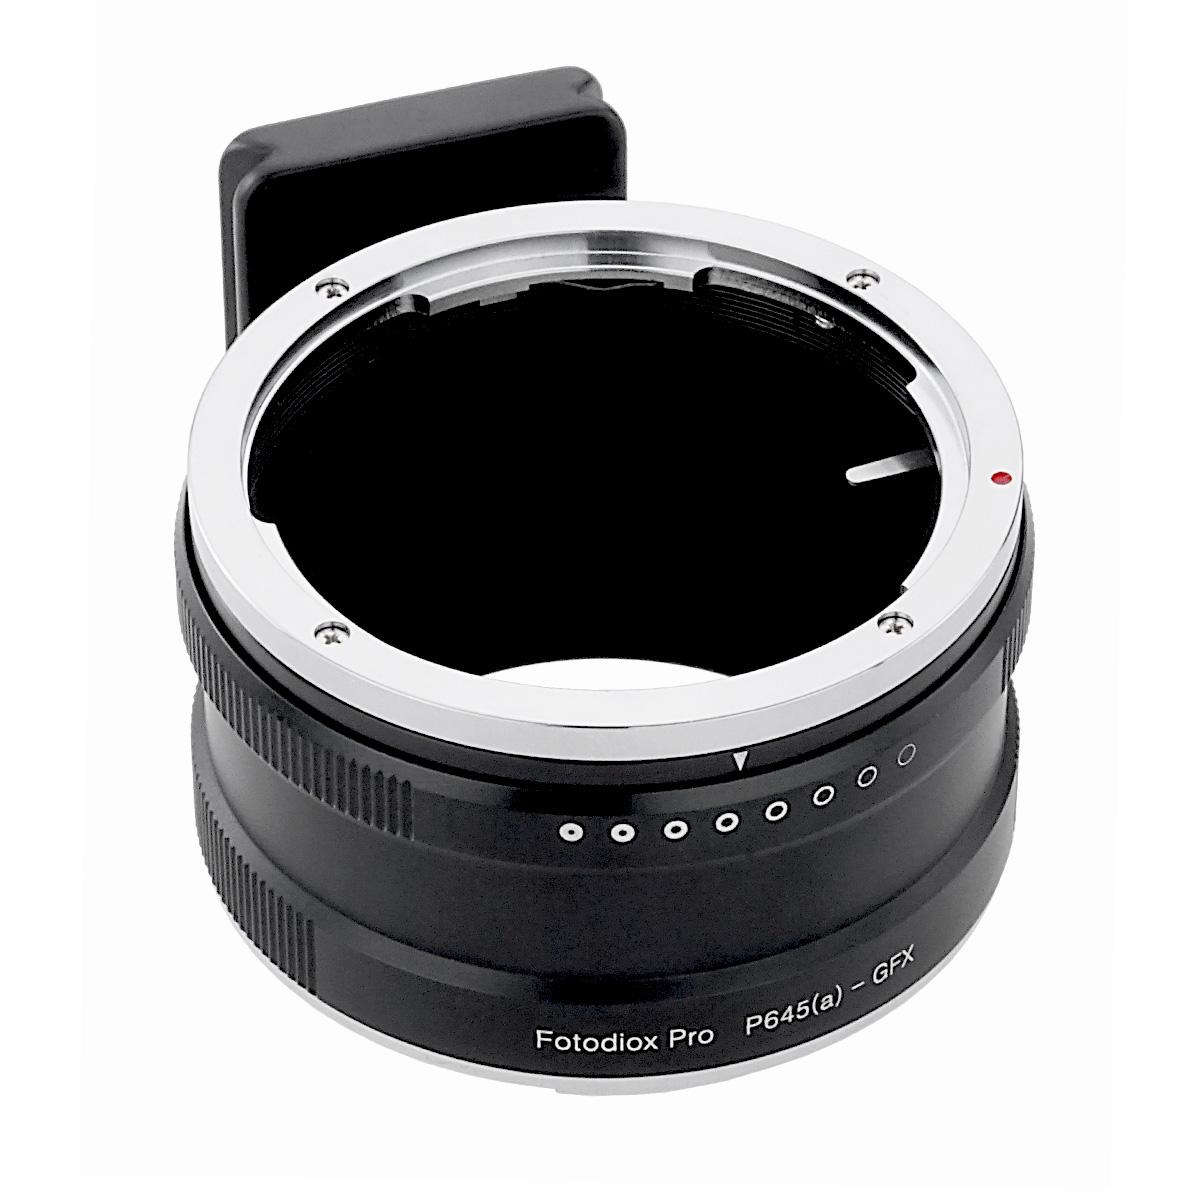 Fotodiox P645a-GFX(ペンタックス645 (DAレンズ対応)マウントレンズ → 富士フイルムGマウント変換)絞りリング付き マウントアダプター